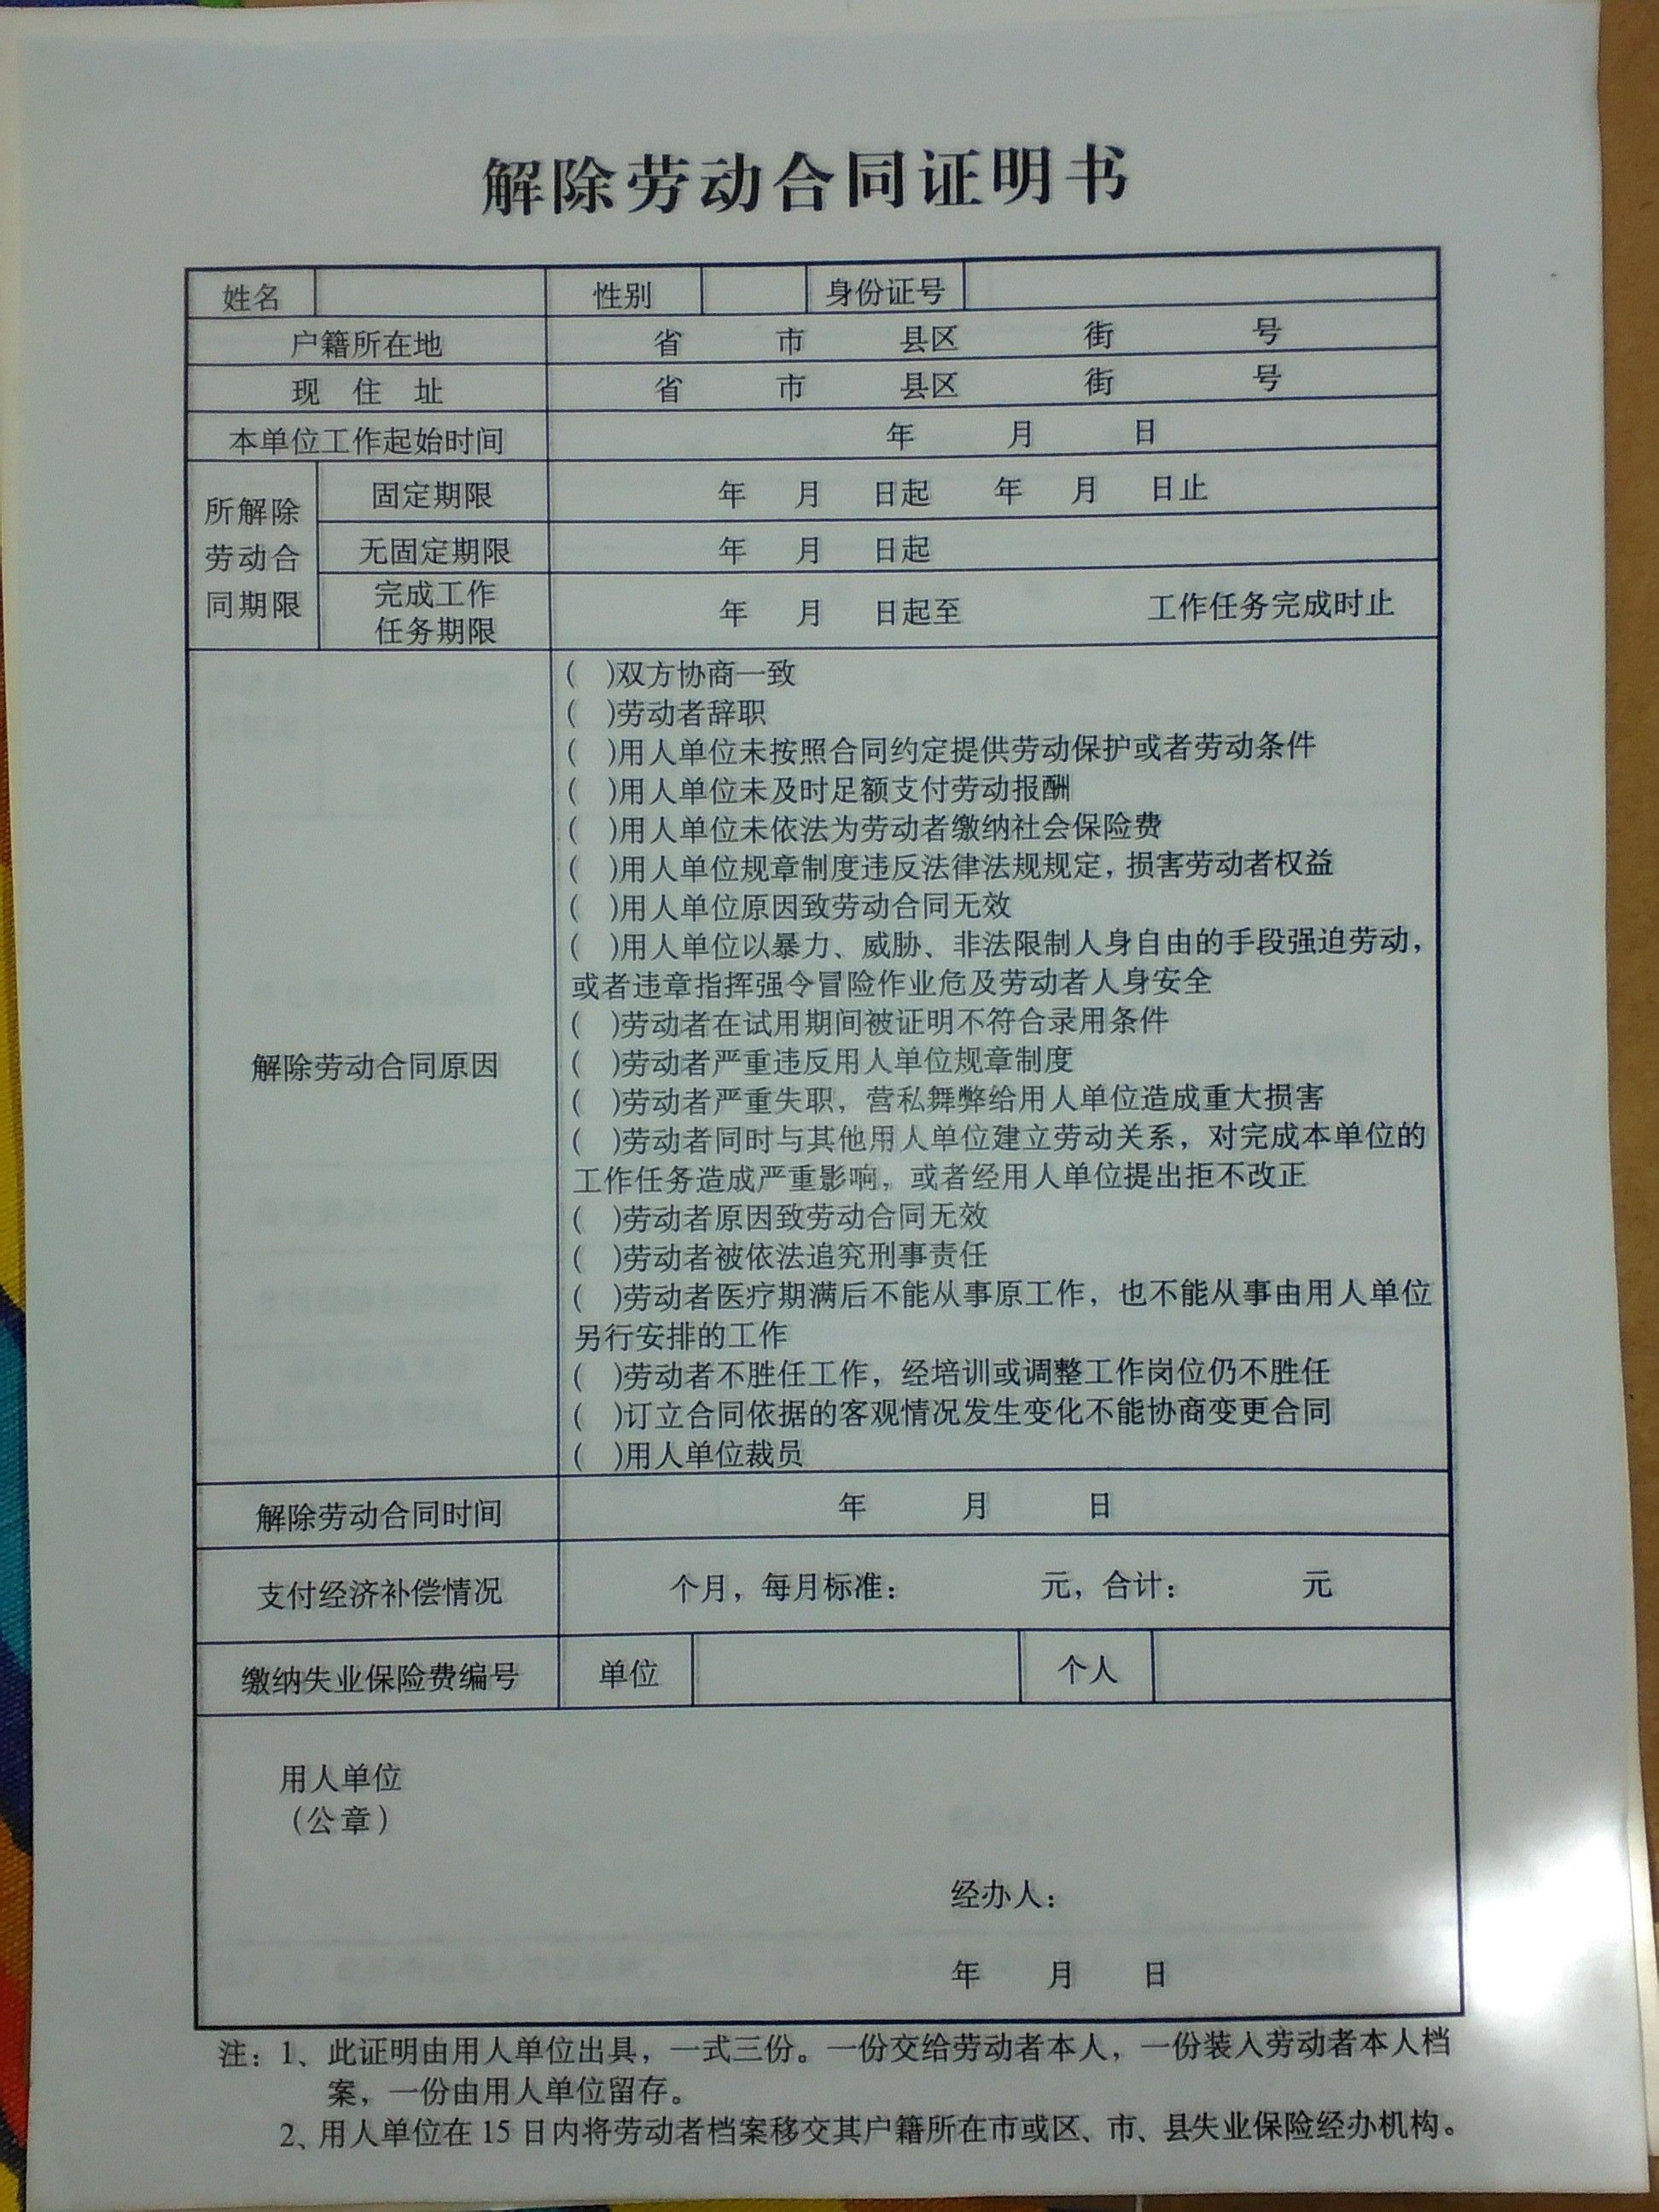 劳动局_劳动局有统一印制的解除劳动合同的证明书  劳动局有卖  按上面内容